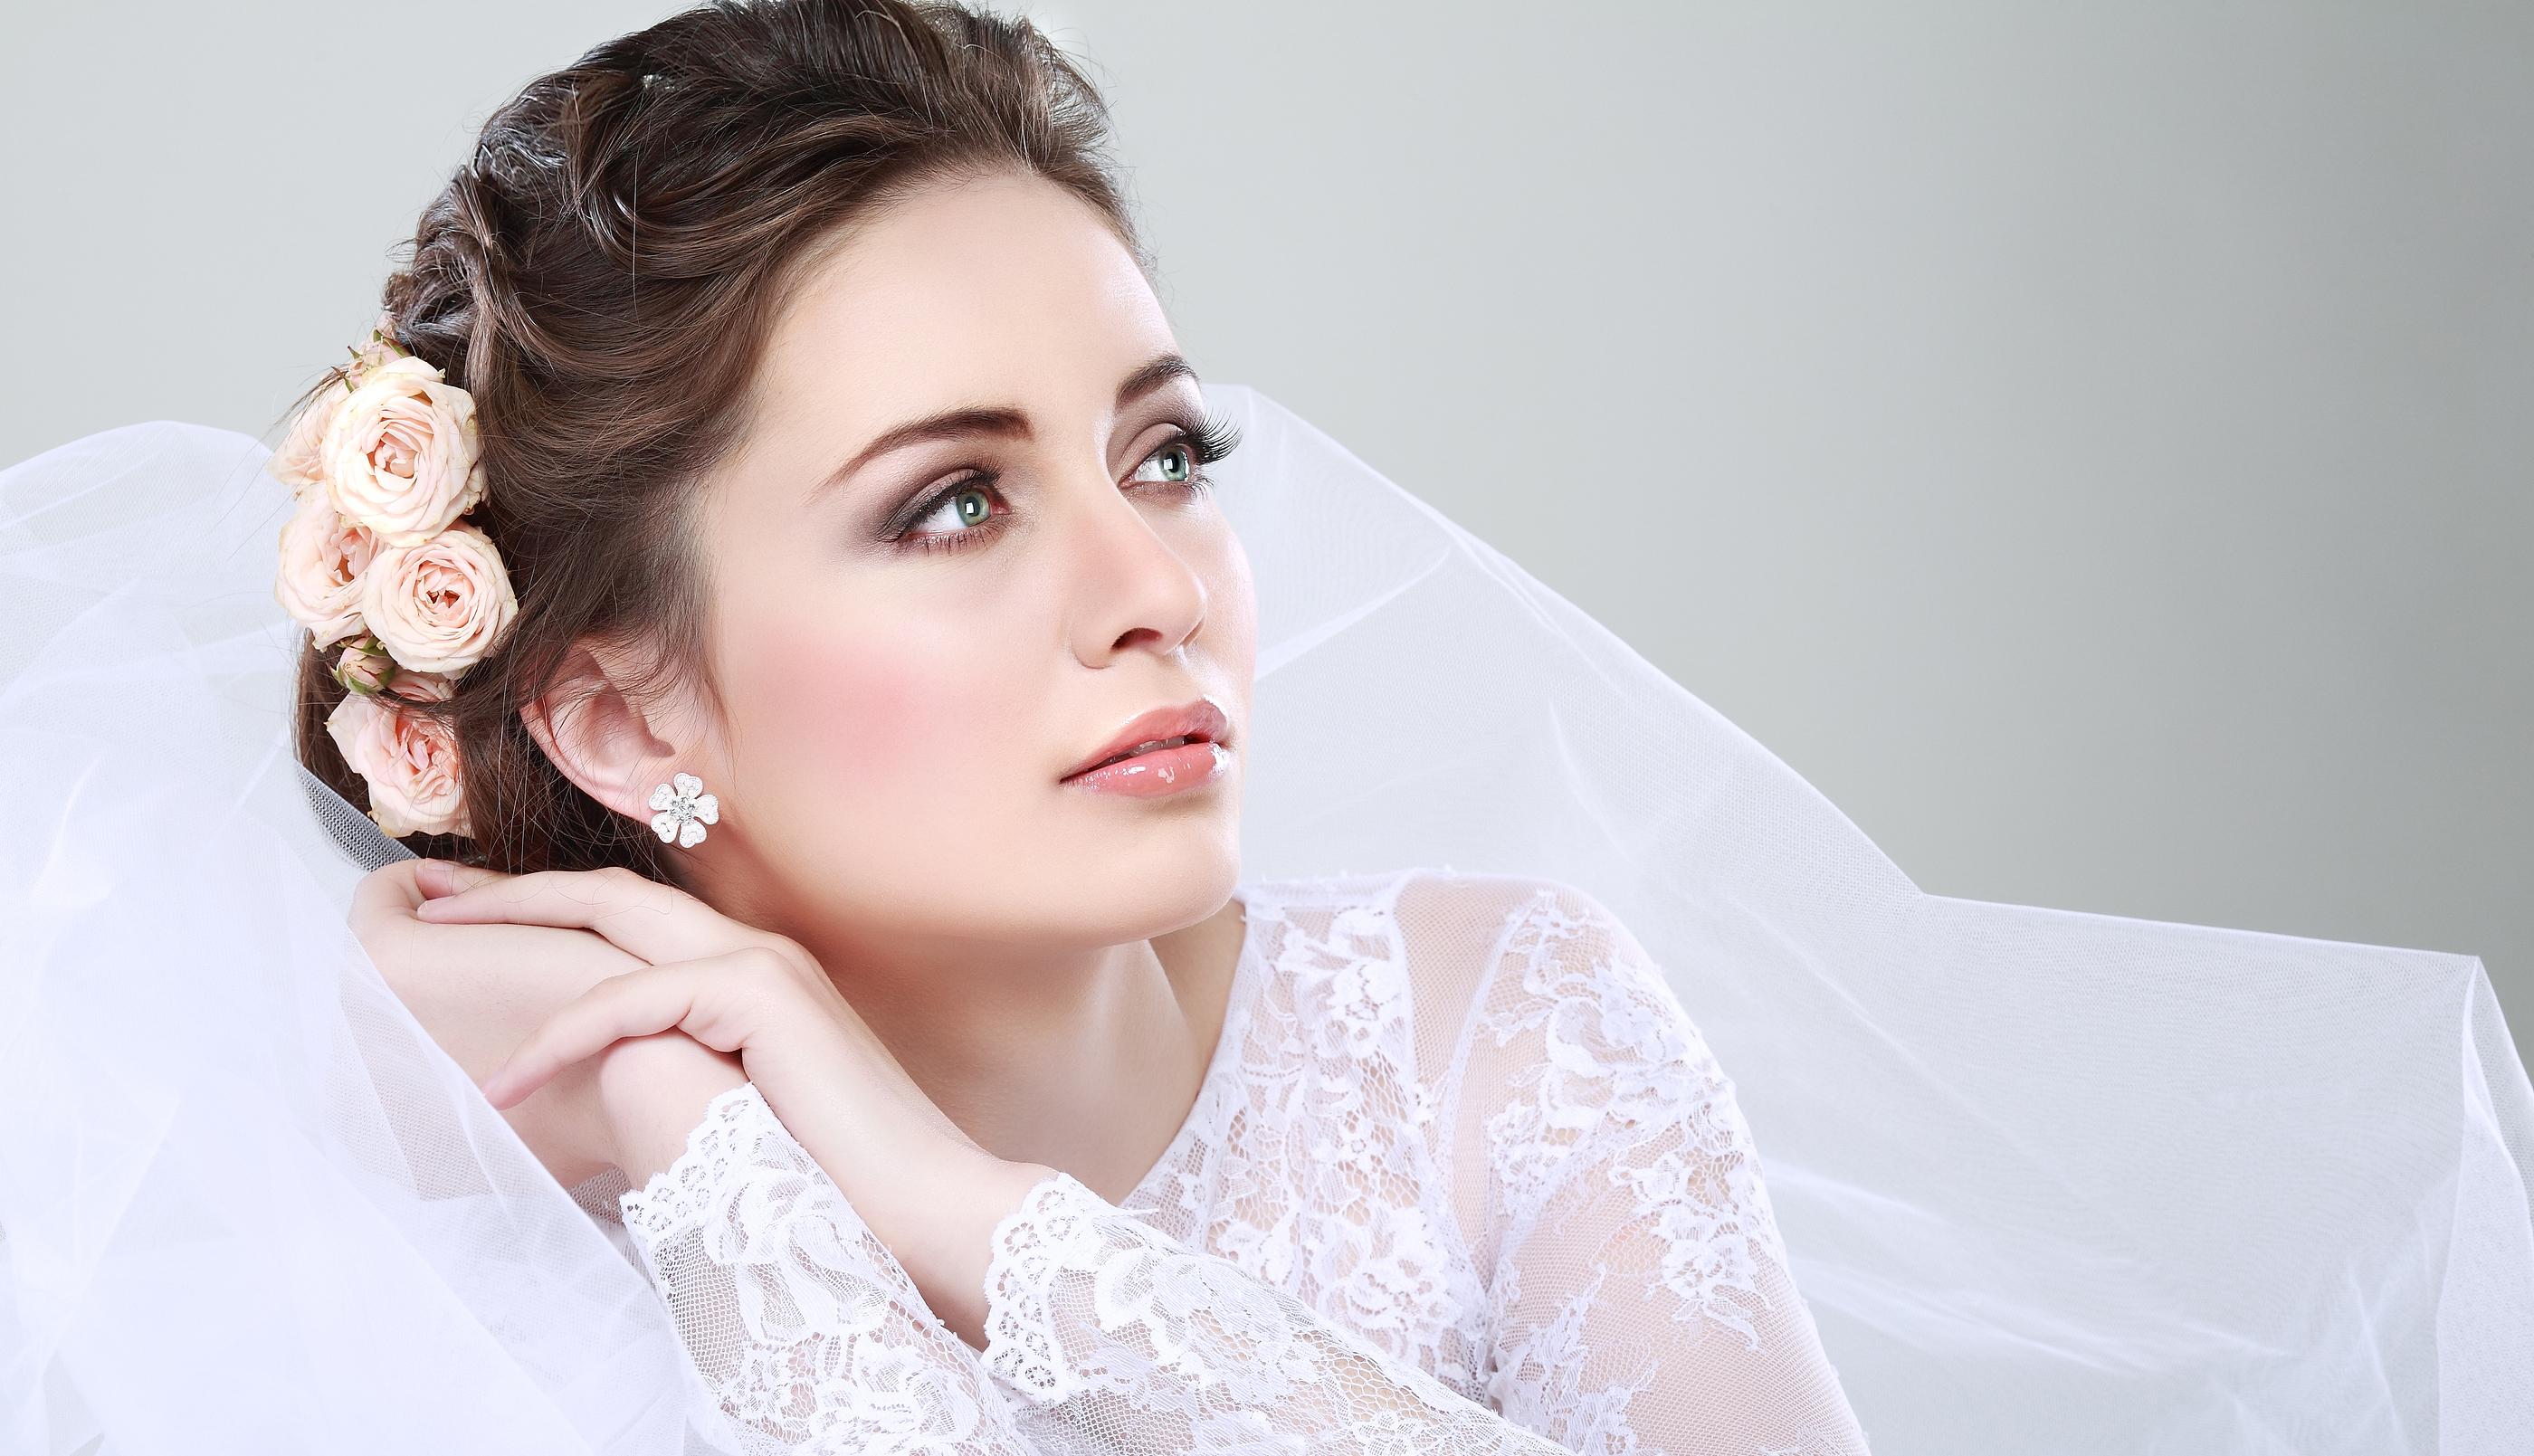 Maquiagem para noiva: O batom ideal para cada tom de pele